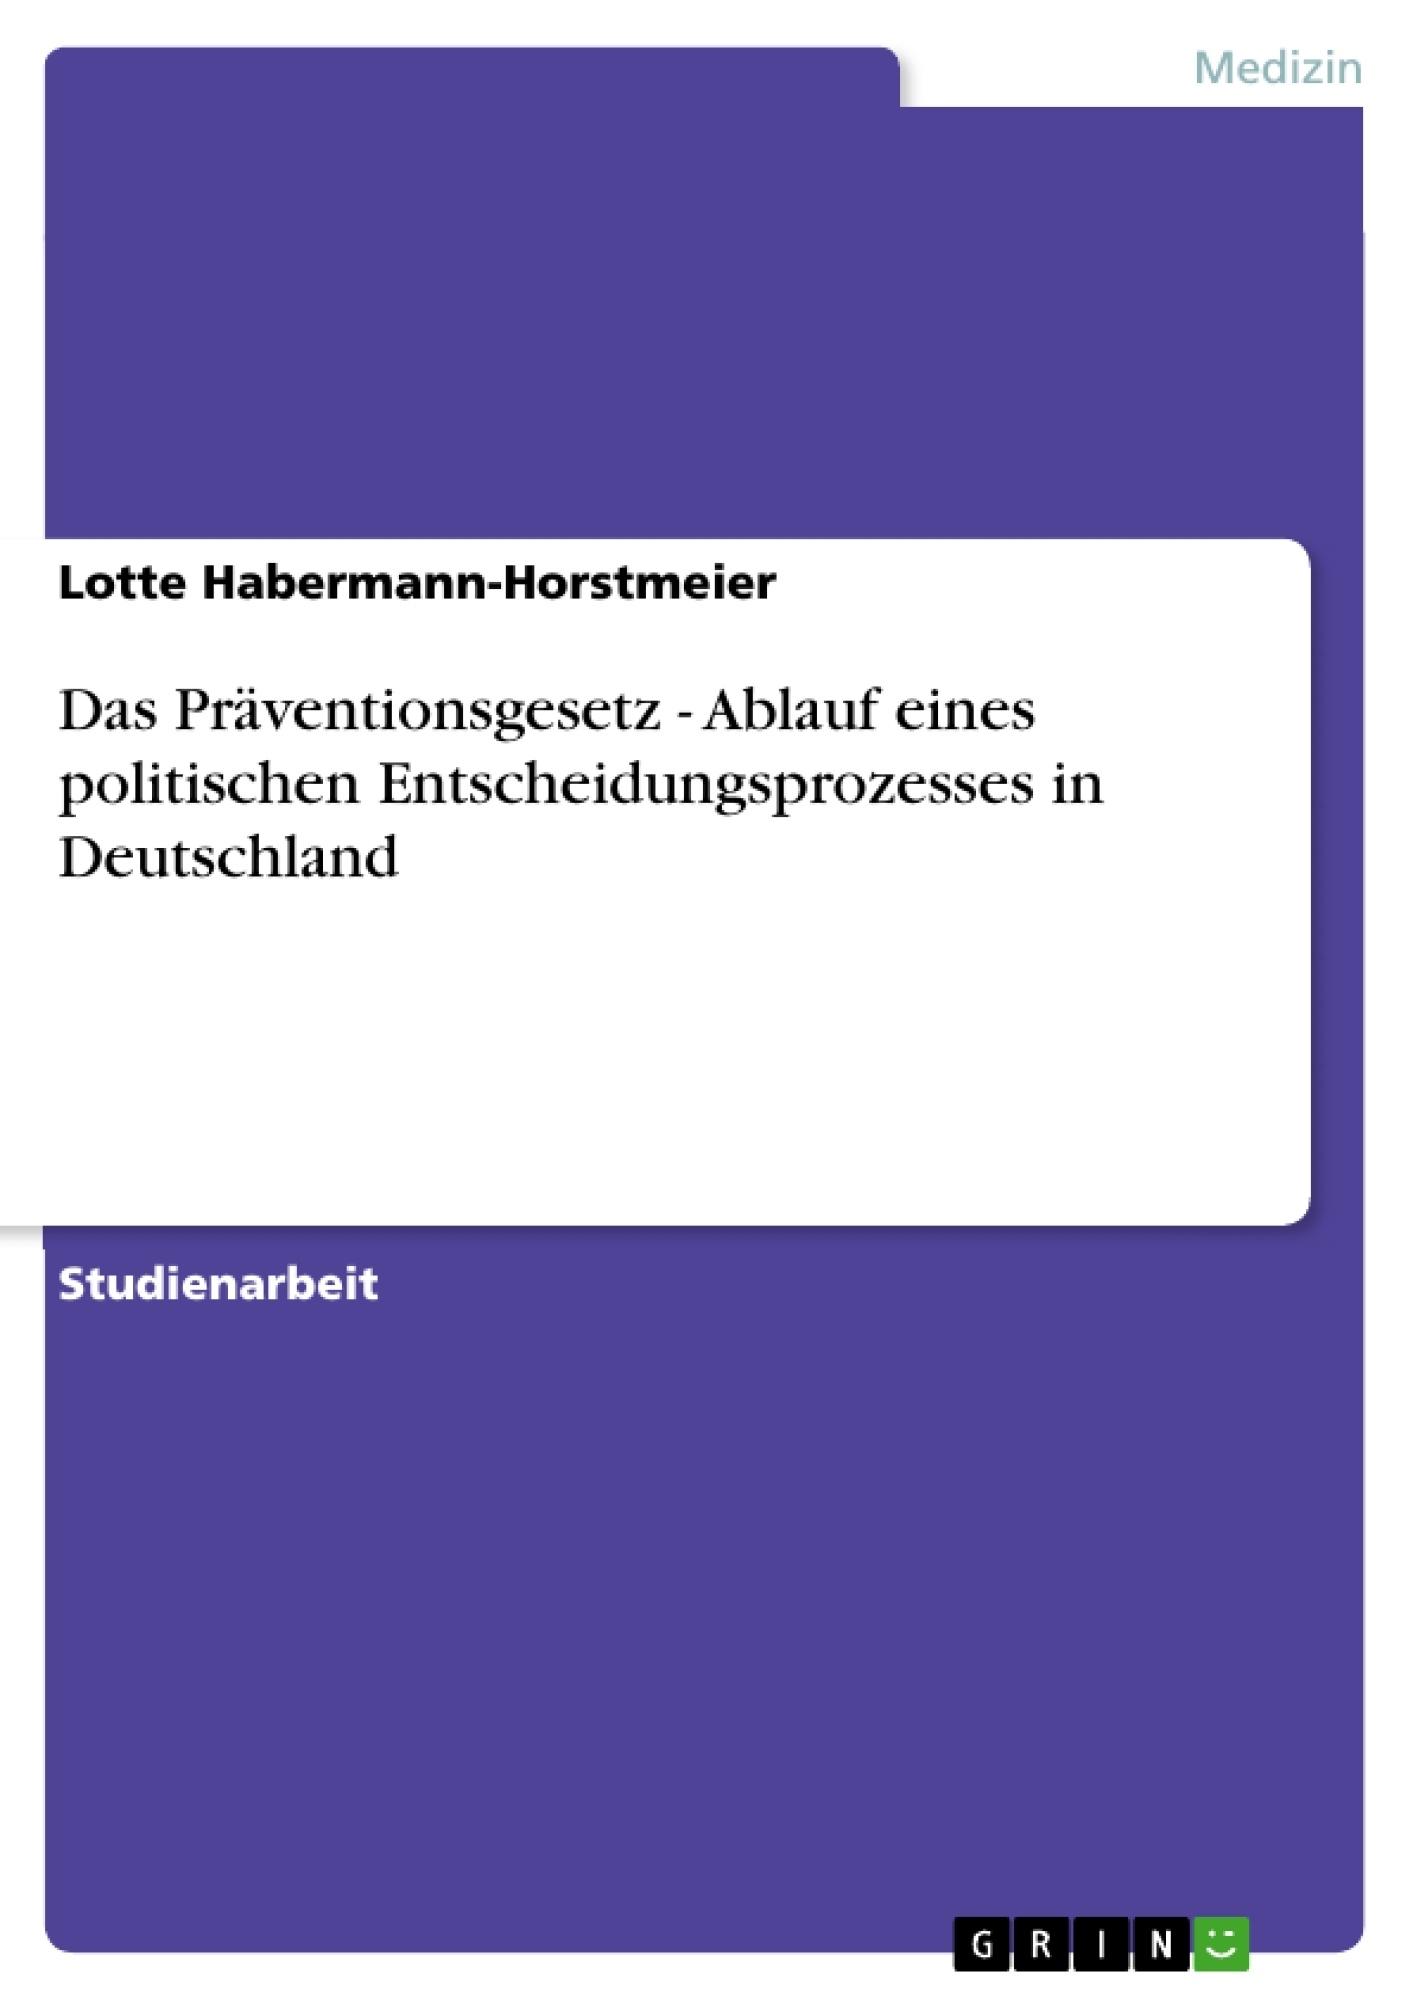 Titel: Das Präventionsgesetz - Ablauf eines politischen Entscheidungsprozesses in Deutschland